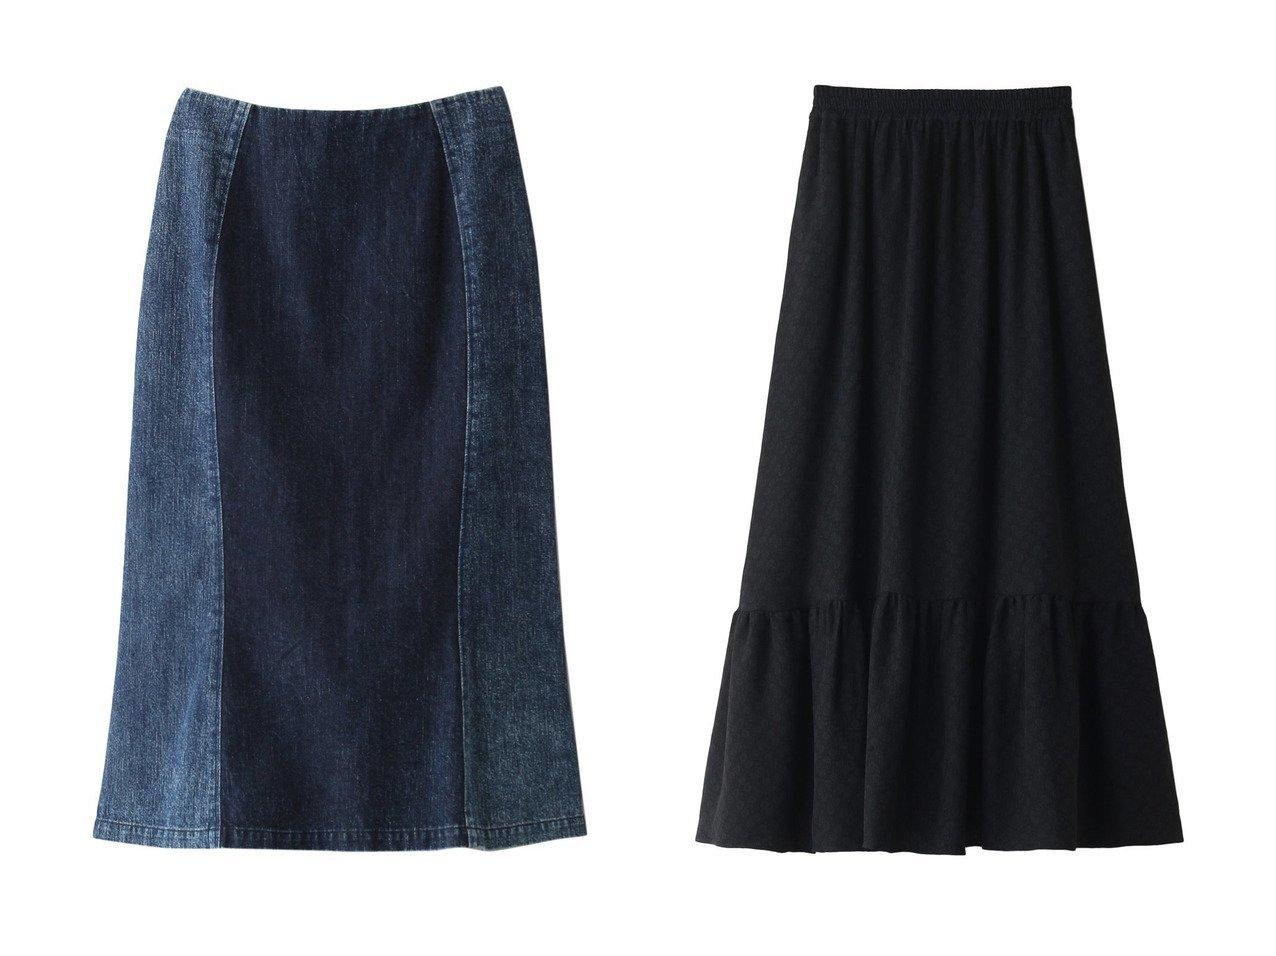 【muller of yoshiokubo/ミュラー オブ ヨシオクボ】のデニムフレアスカート&【Shinzone/シンゾーン】のジャカードフラワーギャザースカート スカートのおすすめ!人気、トレンド・レディースファッションの通販 おすすめで人気の流行・トレンド、ファッションの通販商品 メンズファッション・キッズファッション・インテリア・家具・レディースファッション・服の通販 founy(ファニー) https://founy.com/ ファッション Fashion レディースファッション WOMEN スカート Skirt Aライン/フレアスカート Flared A-Line Skirts ロングスカート Long Skirt 2021年 2021 2021 春夏 S/S SS Spring/Summer 2021 S/S 春夏 SS Spring/Summer デニム フロント マーメイド 春 Spring |ID:crp329100000013381